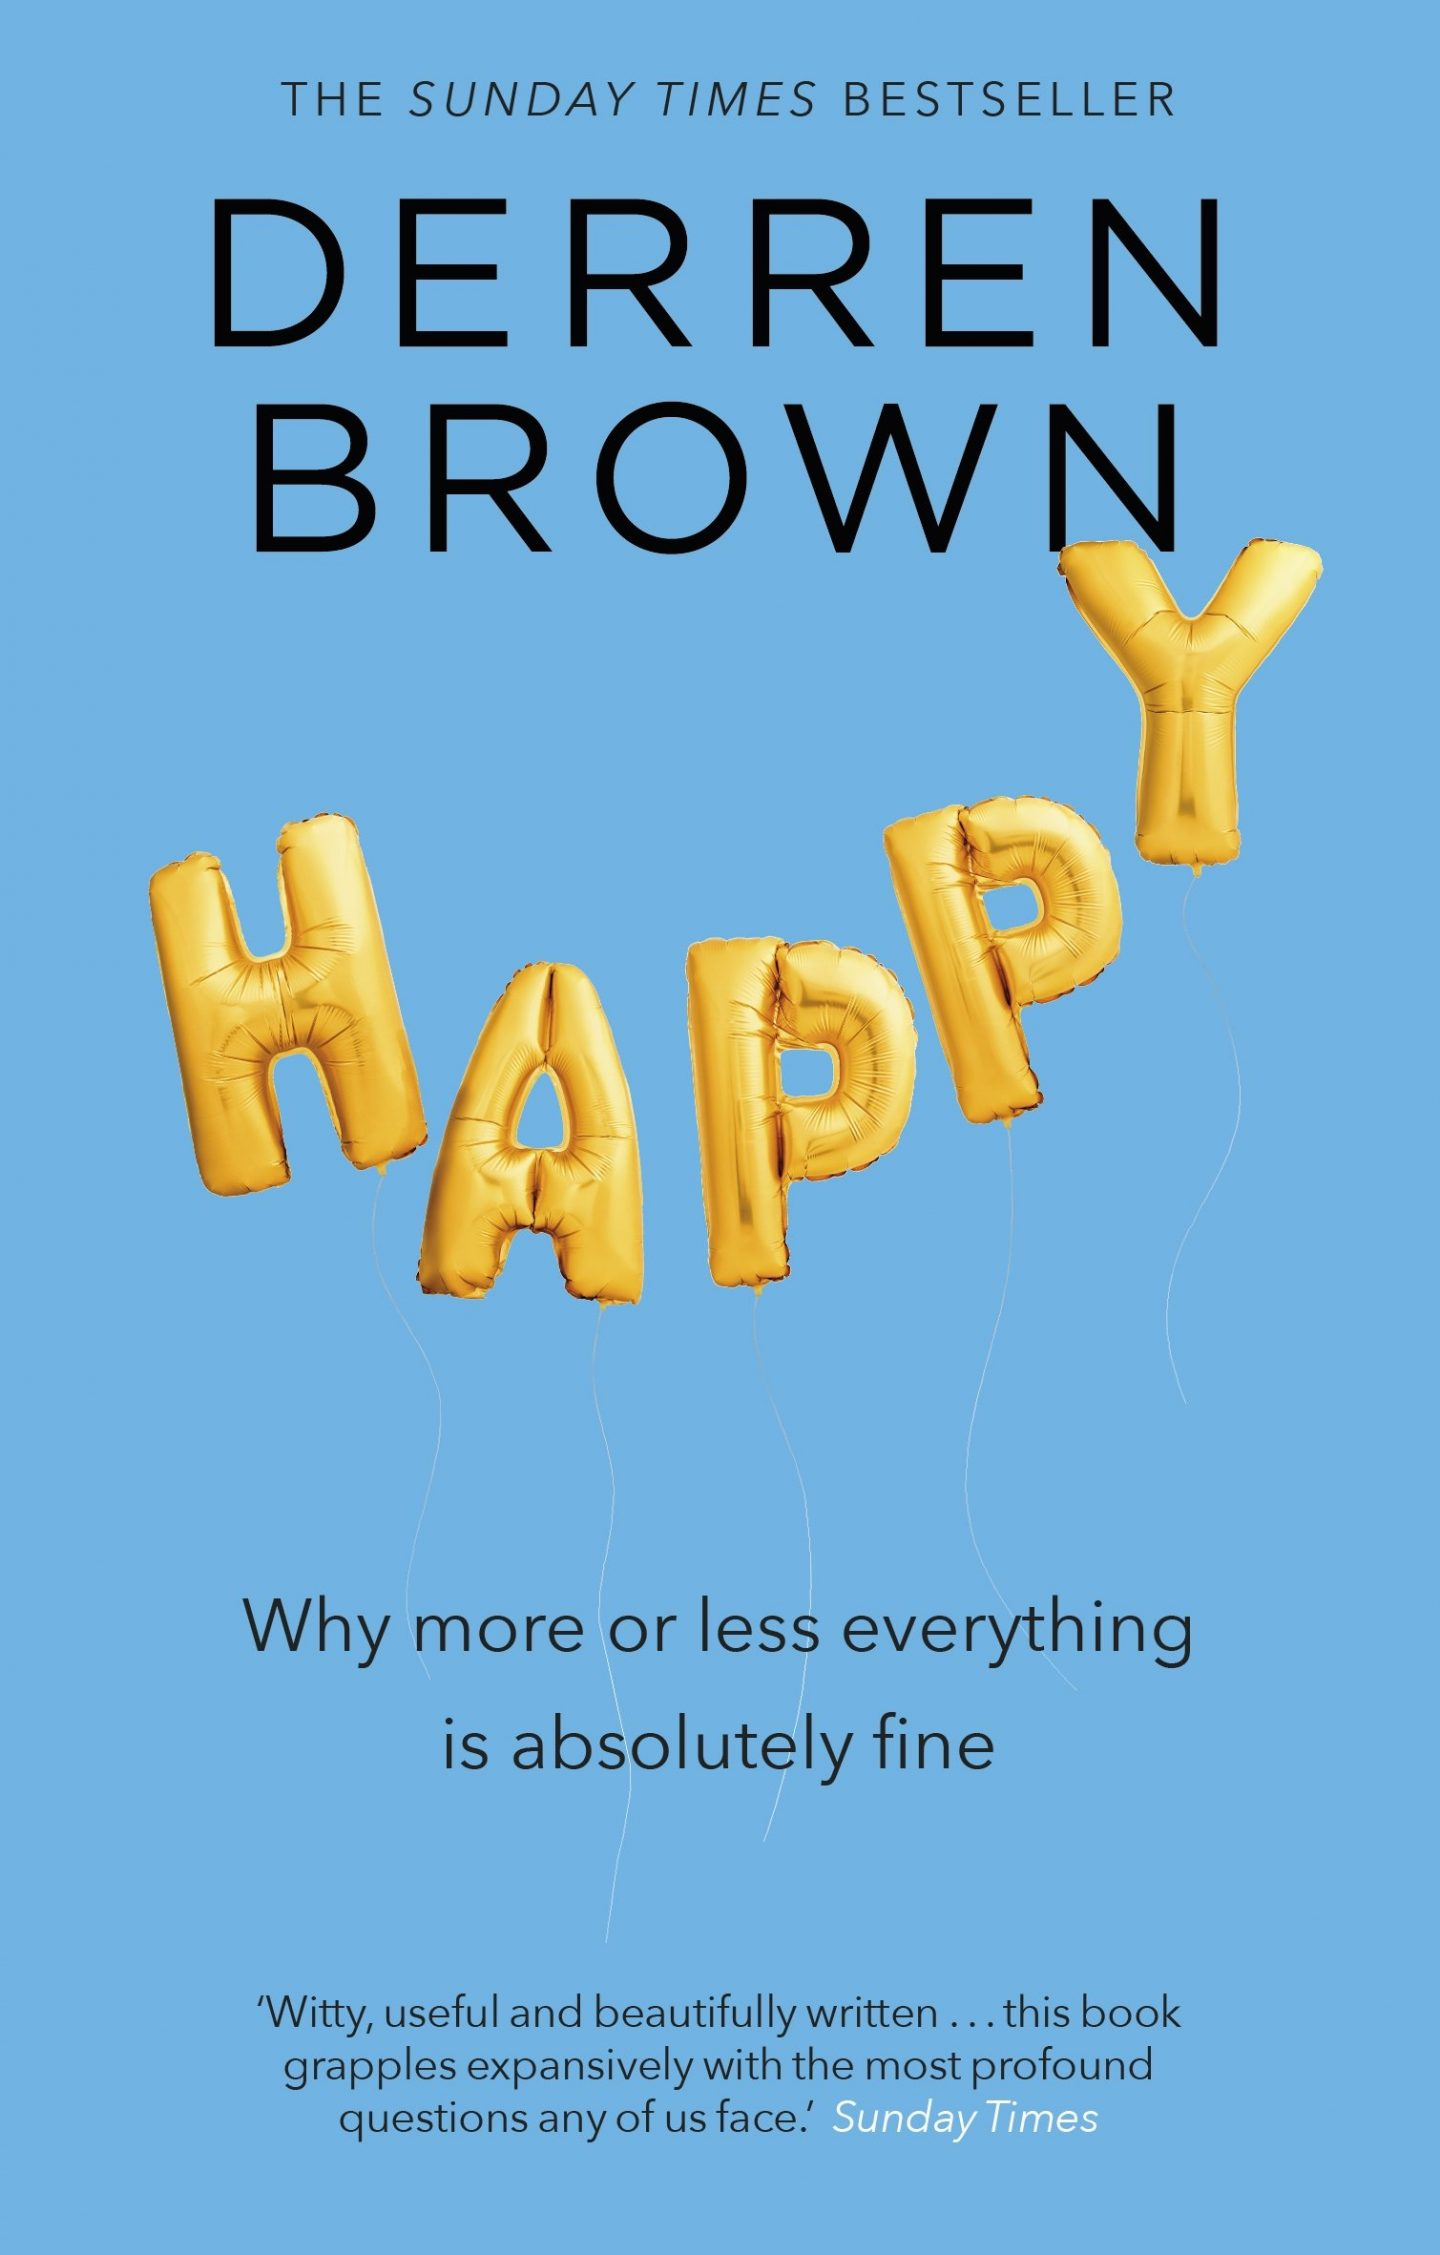 Getting Happy With Derren Brown